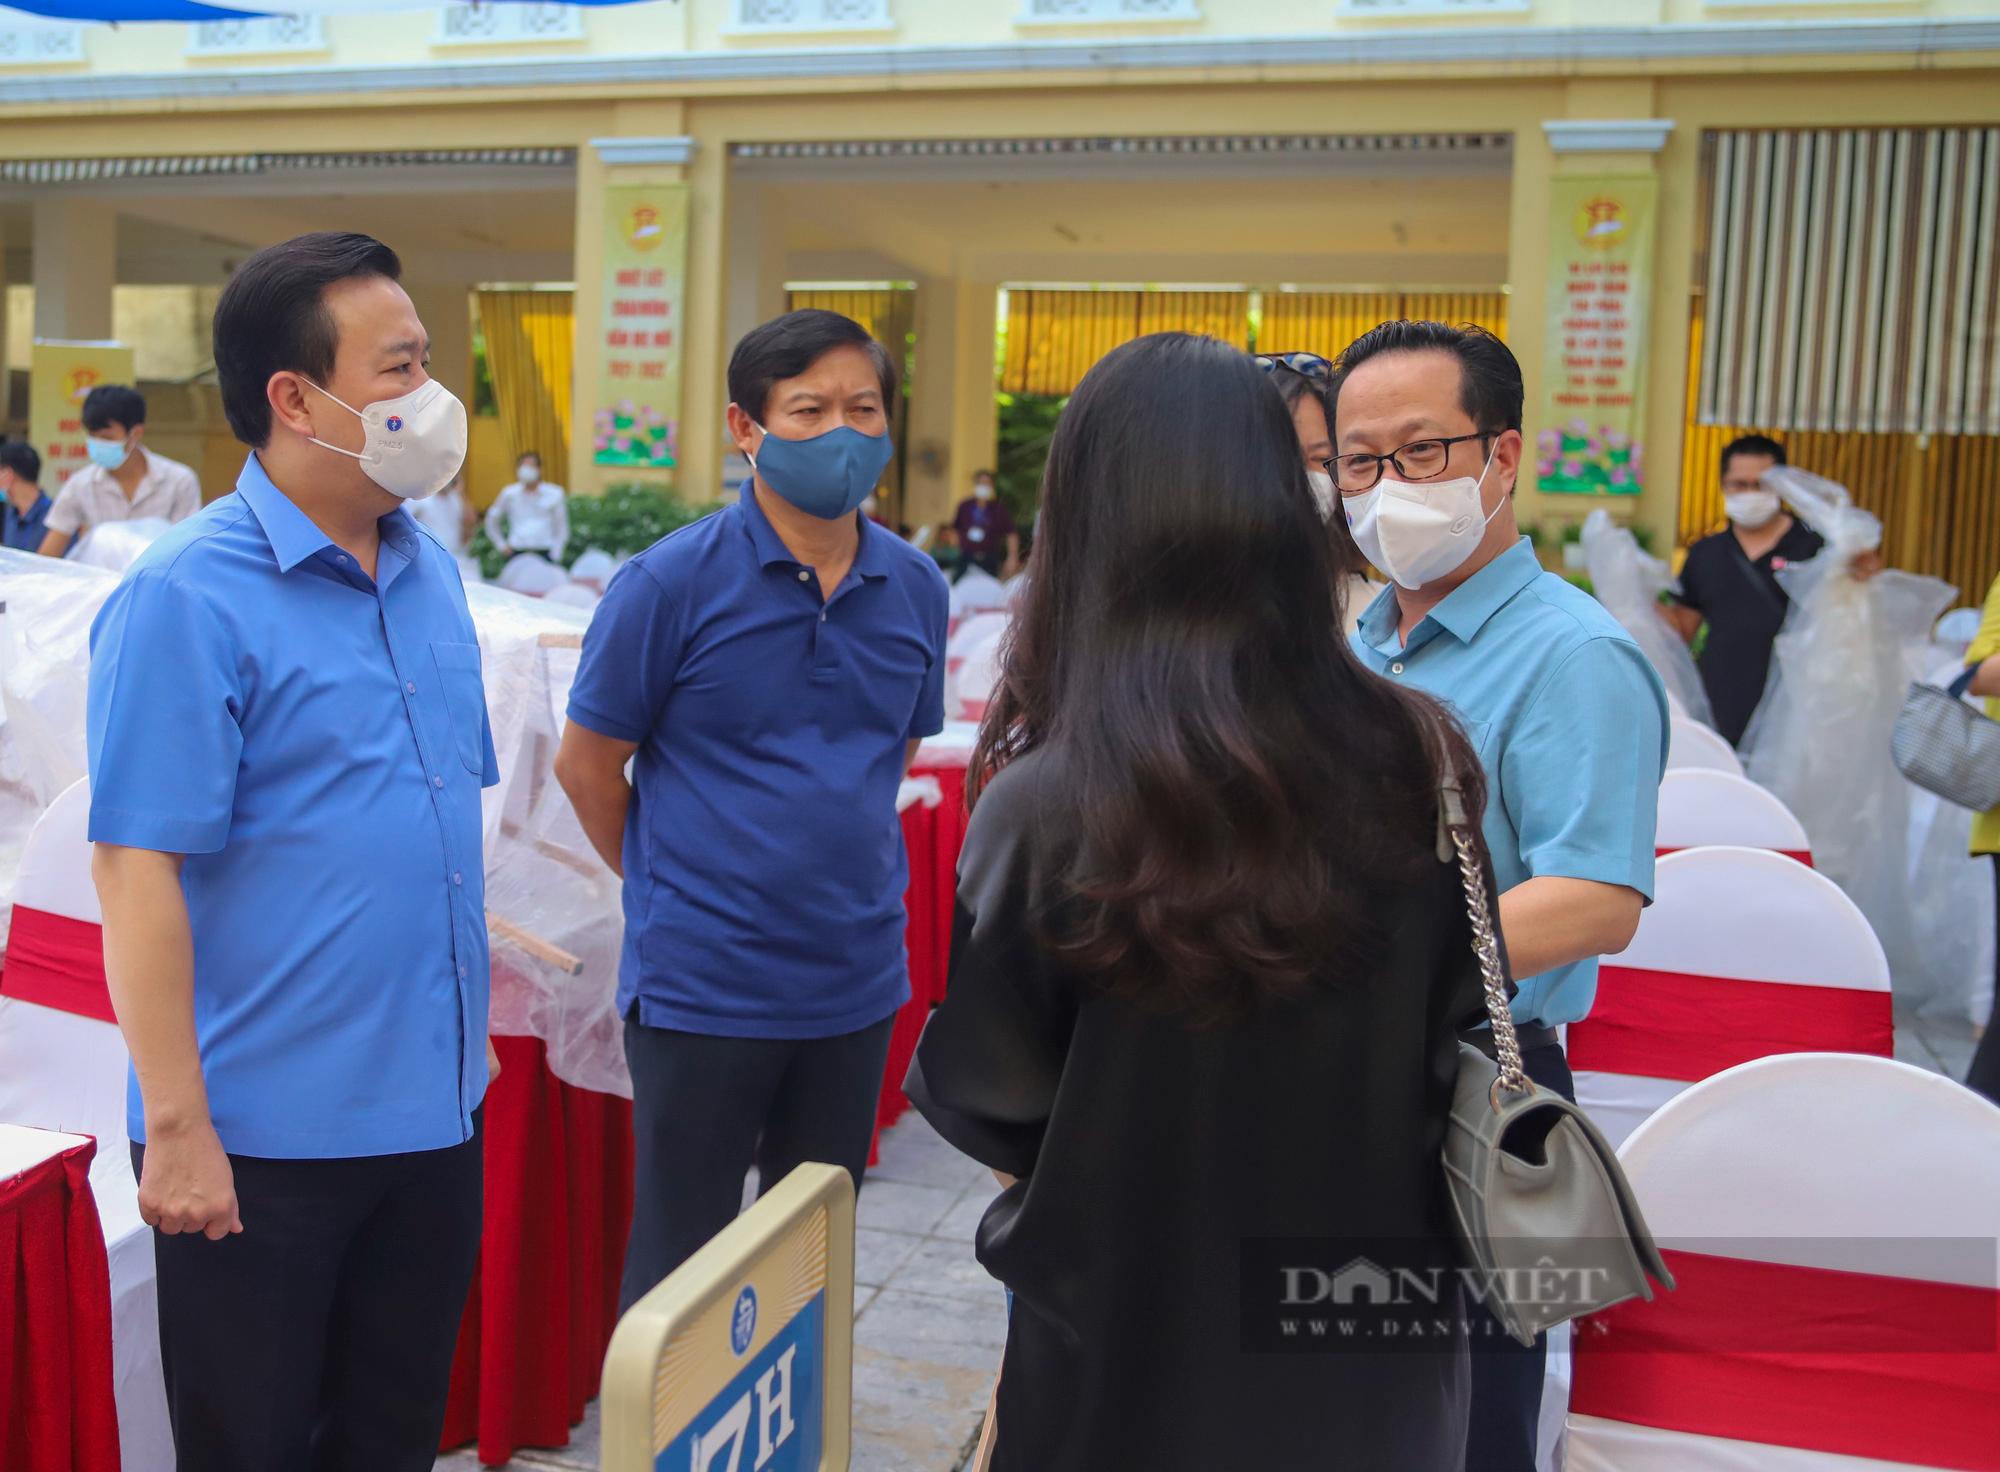 Hà Nội: Gấp rút chuẩn bị cho Lễ khai giảng online đặc biệt của Thủ đô - Ảnh 7.